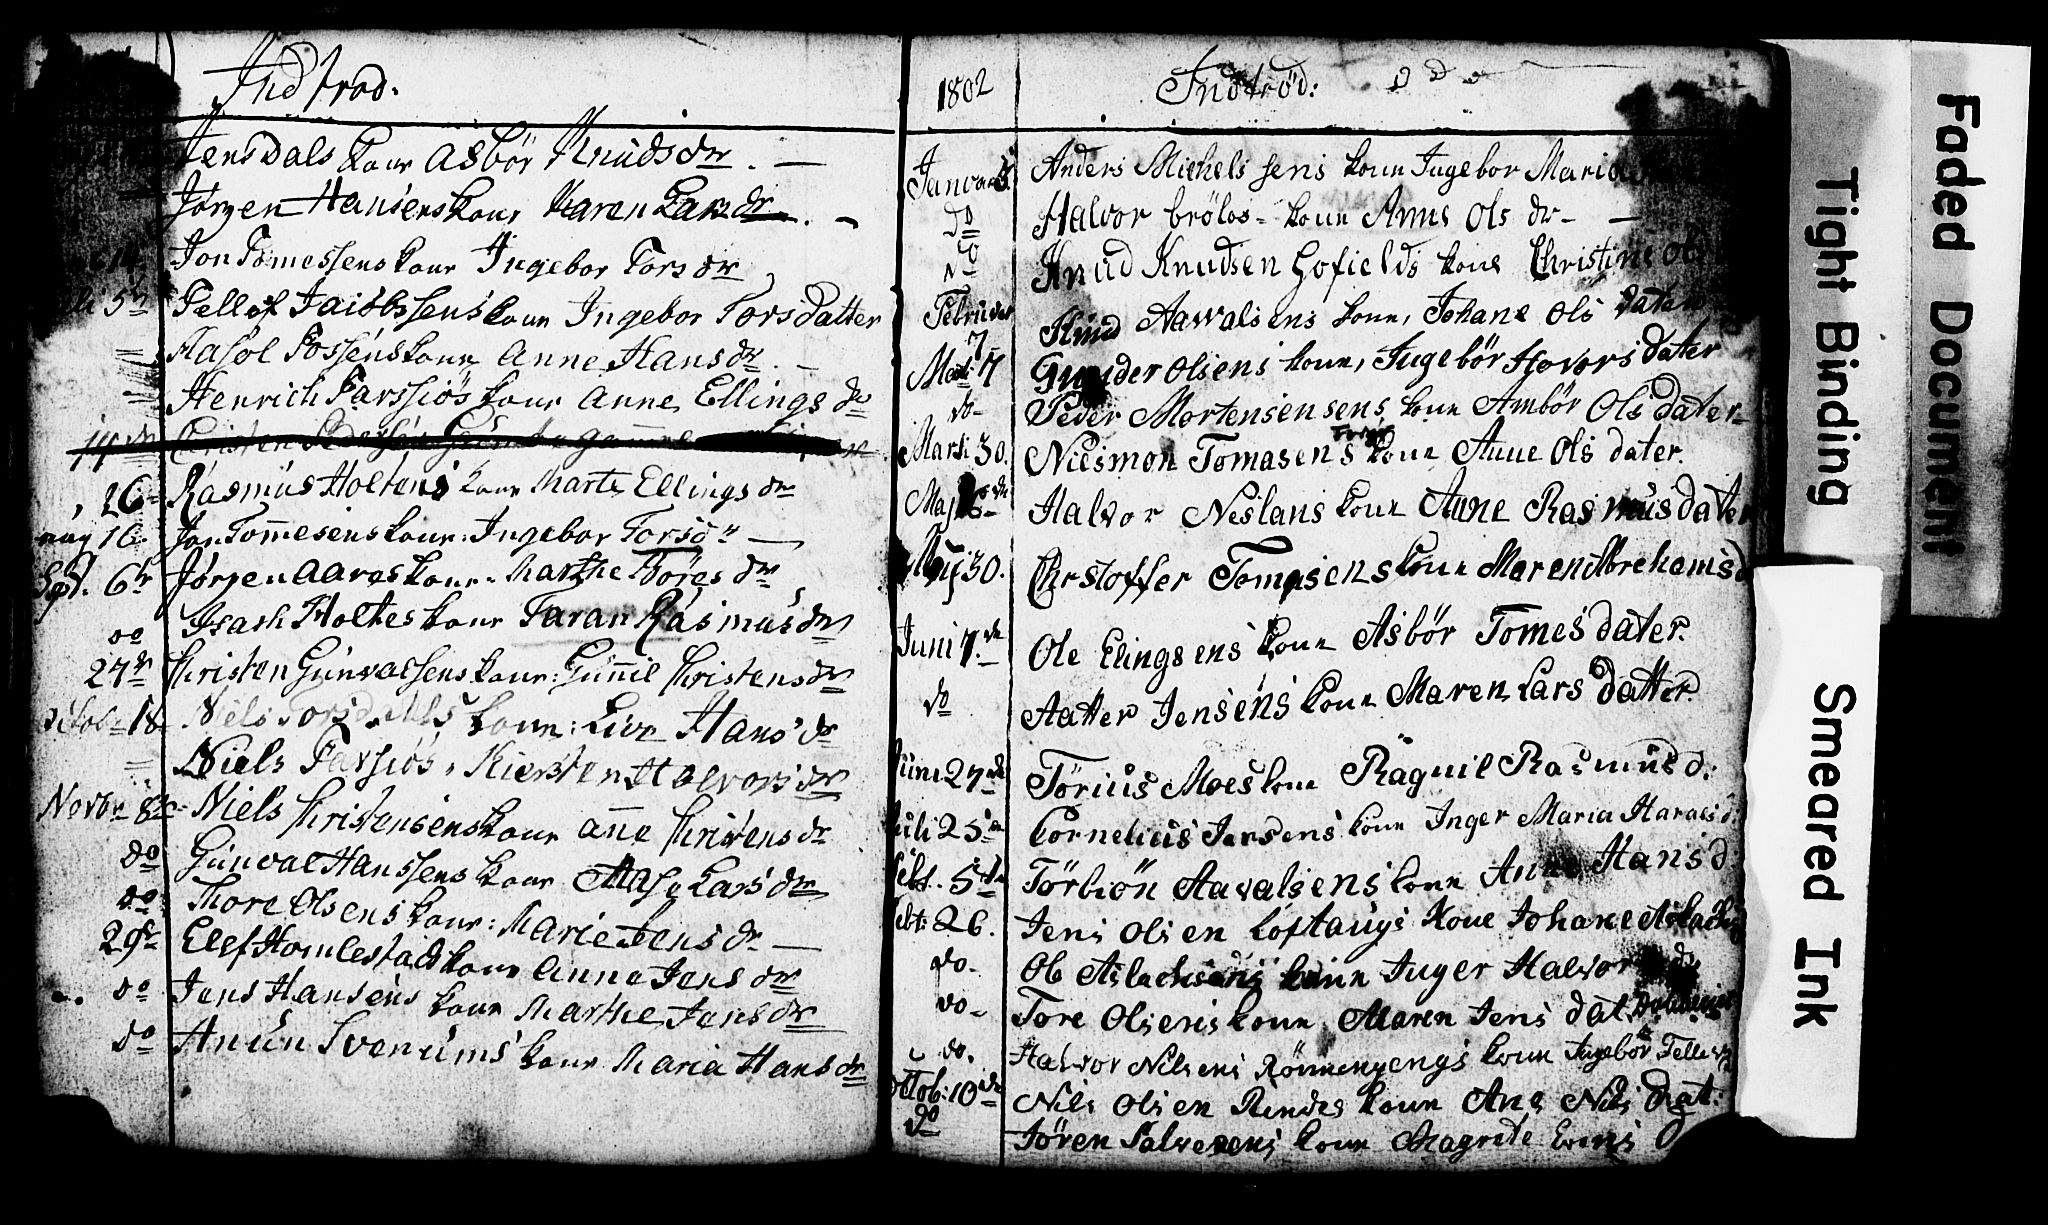 SAKO, Sannidal kirkebøker, G/Ga/L0001: Klokkerbok nr. 1, 1782-1816